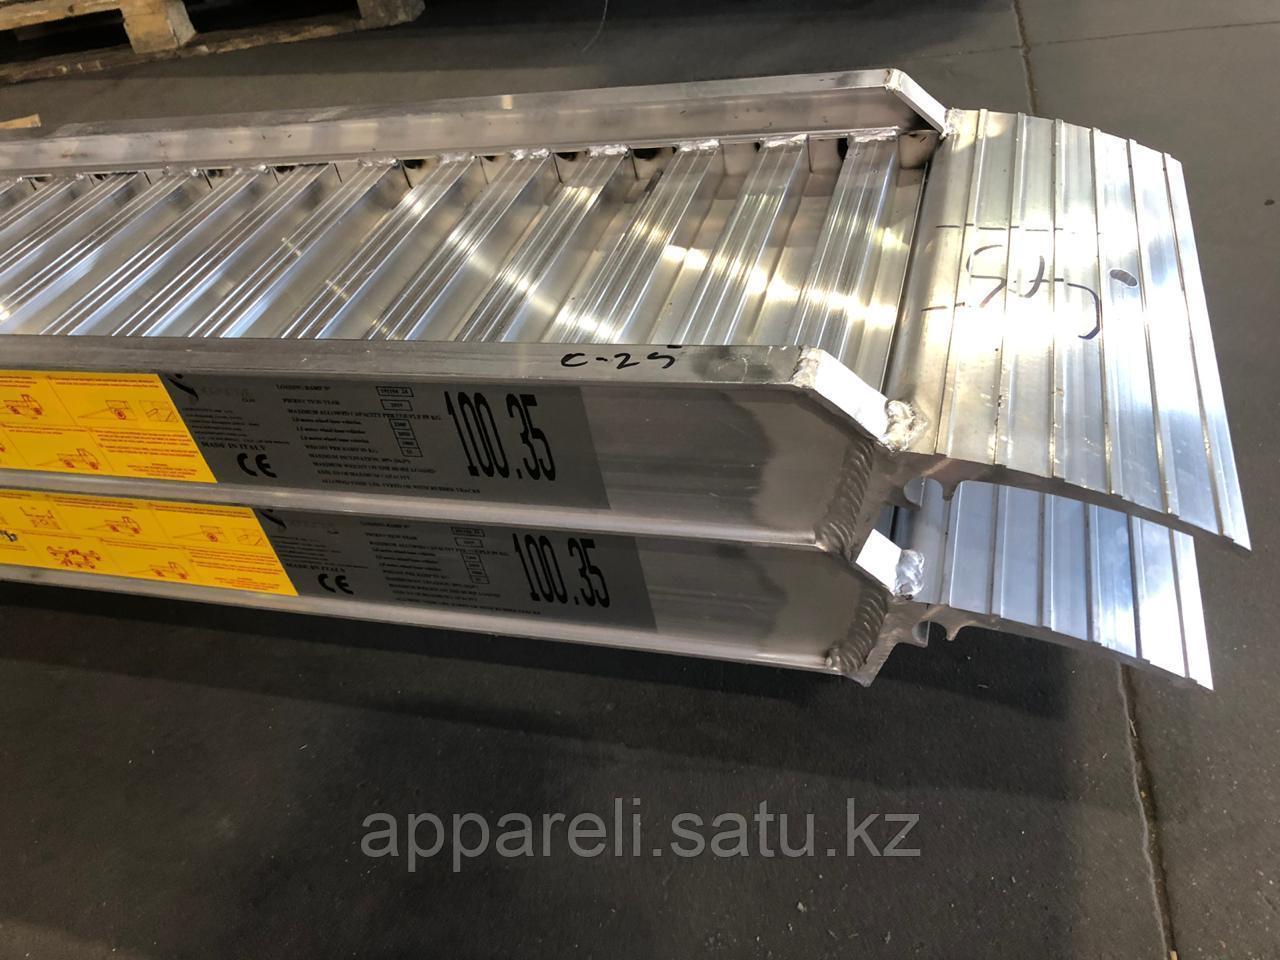 Погрузочные рампы от производителя 2050 кг, 3,5 м